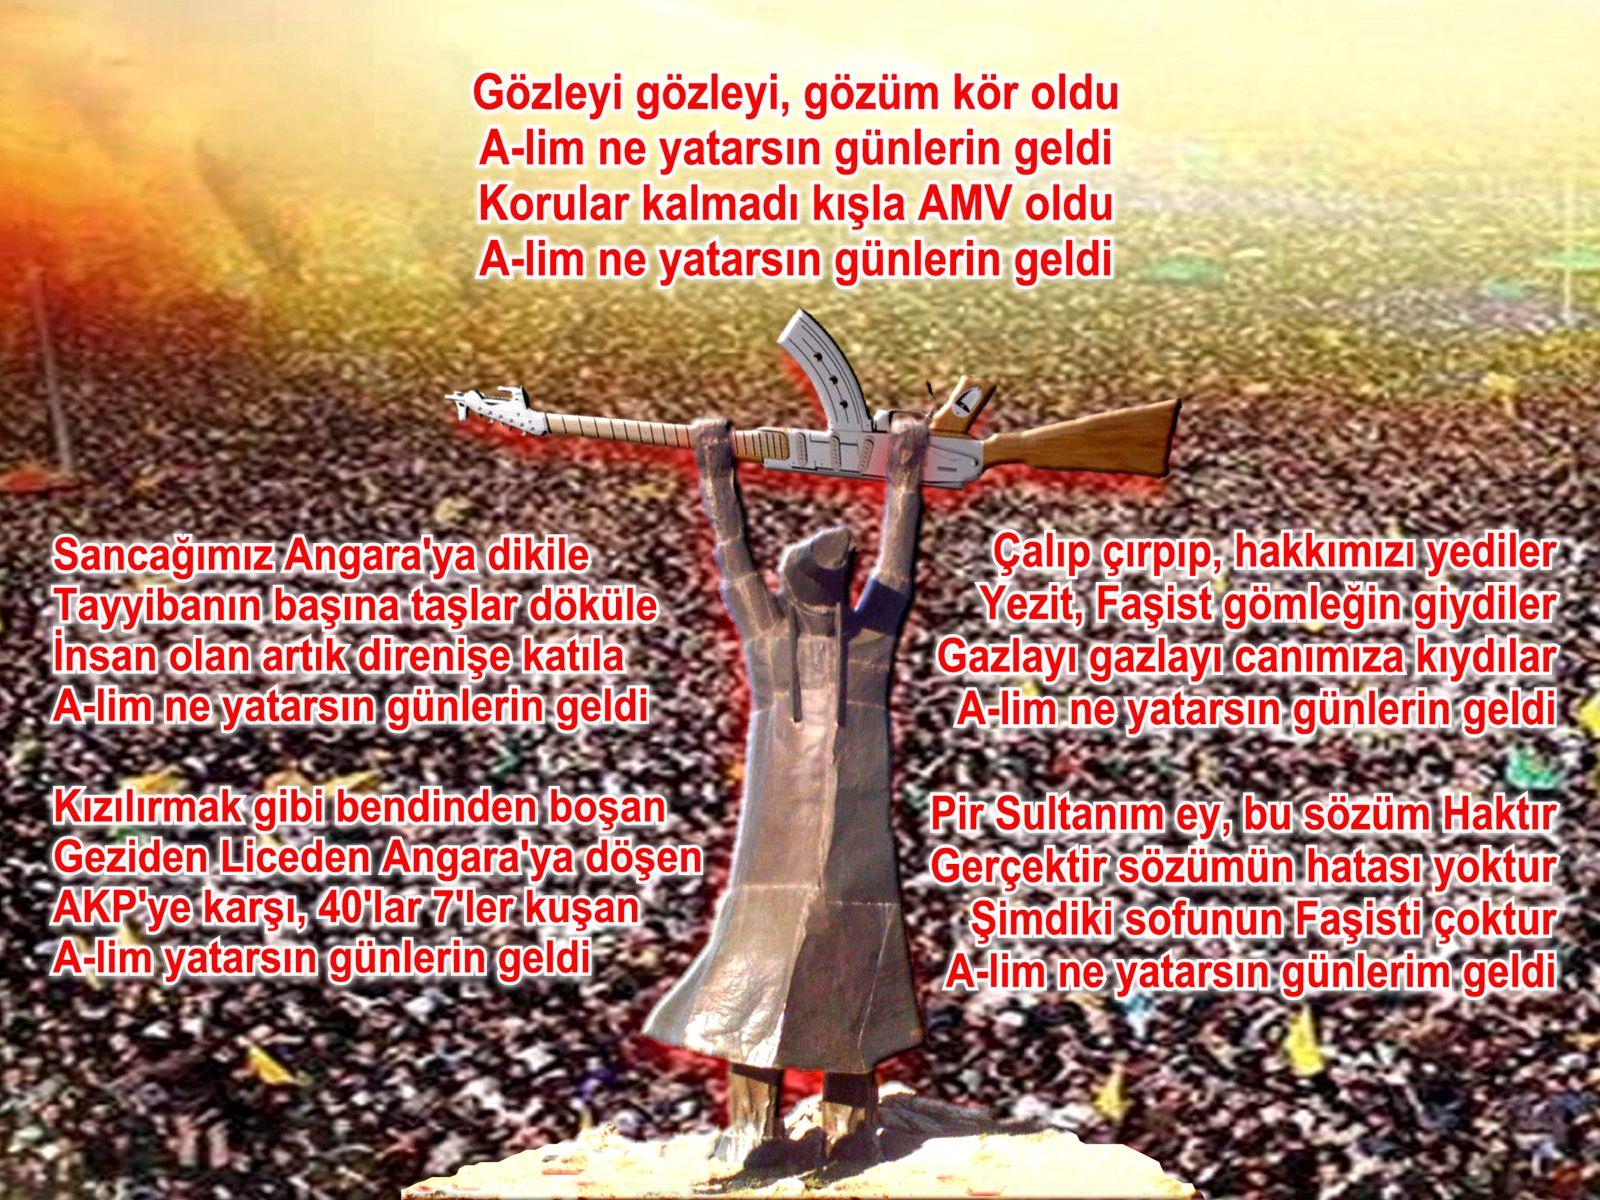 Devrimci Aleviler Birliği DAB Alevi Kızılbaş Bektaşi pir sultan cem hz Ali 12 imam semah Feramuz Şah Acar gozleyi